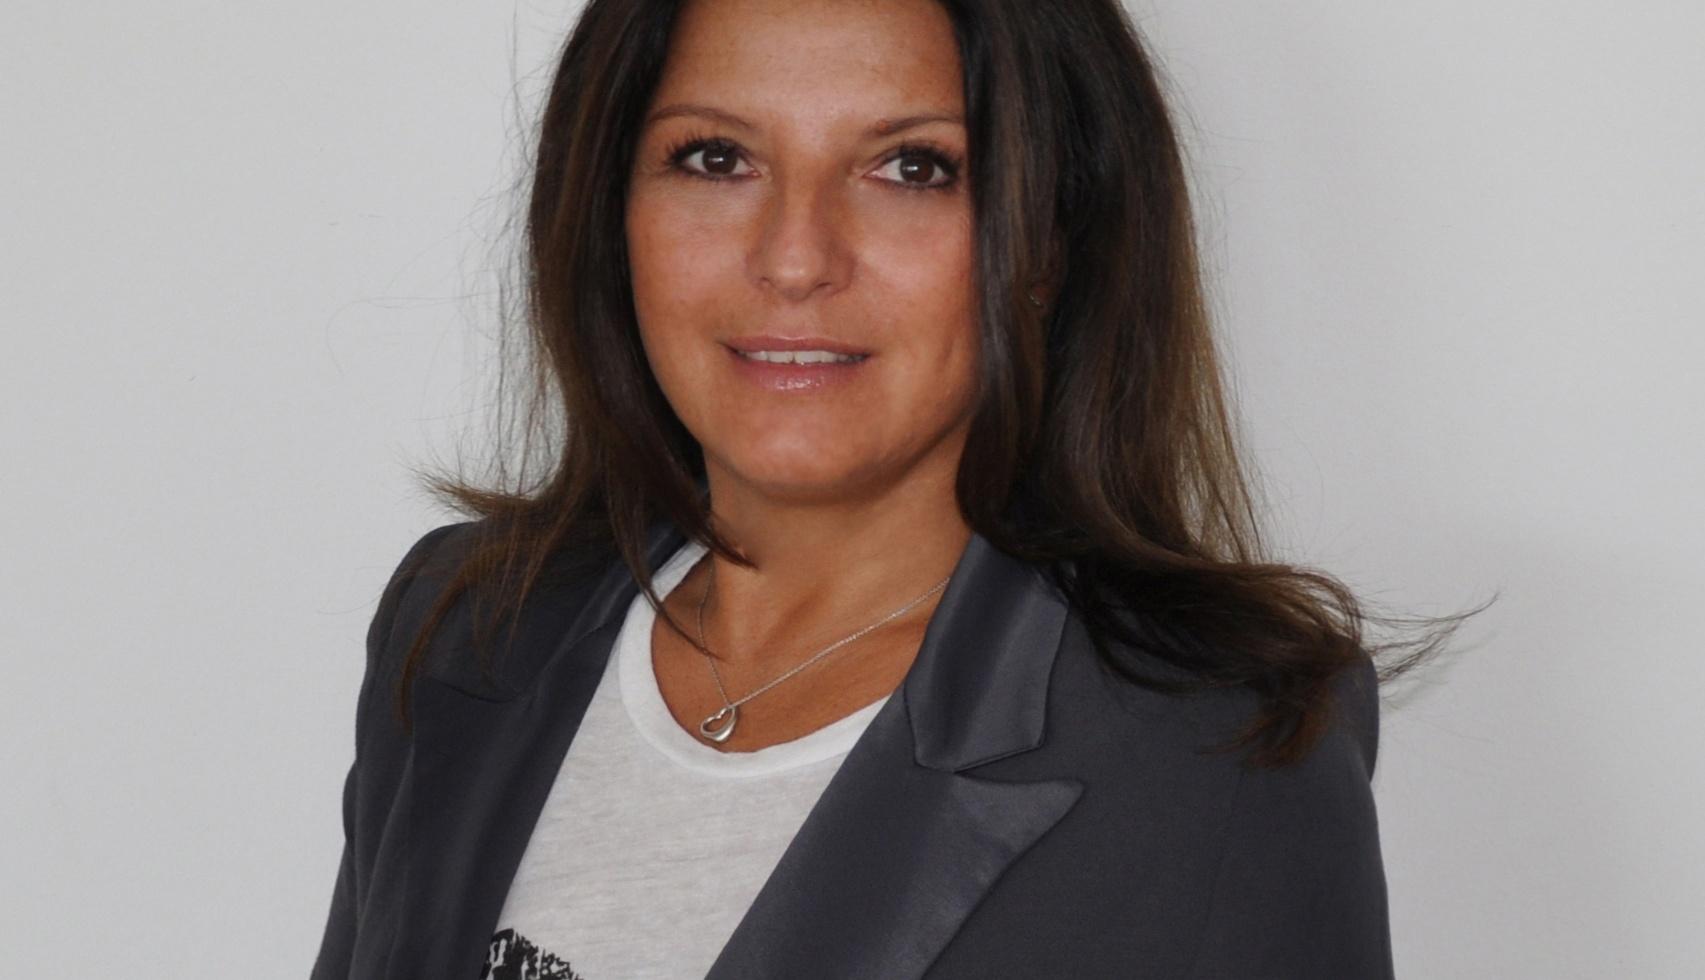 Stefanie Schrobenhauser